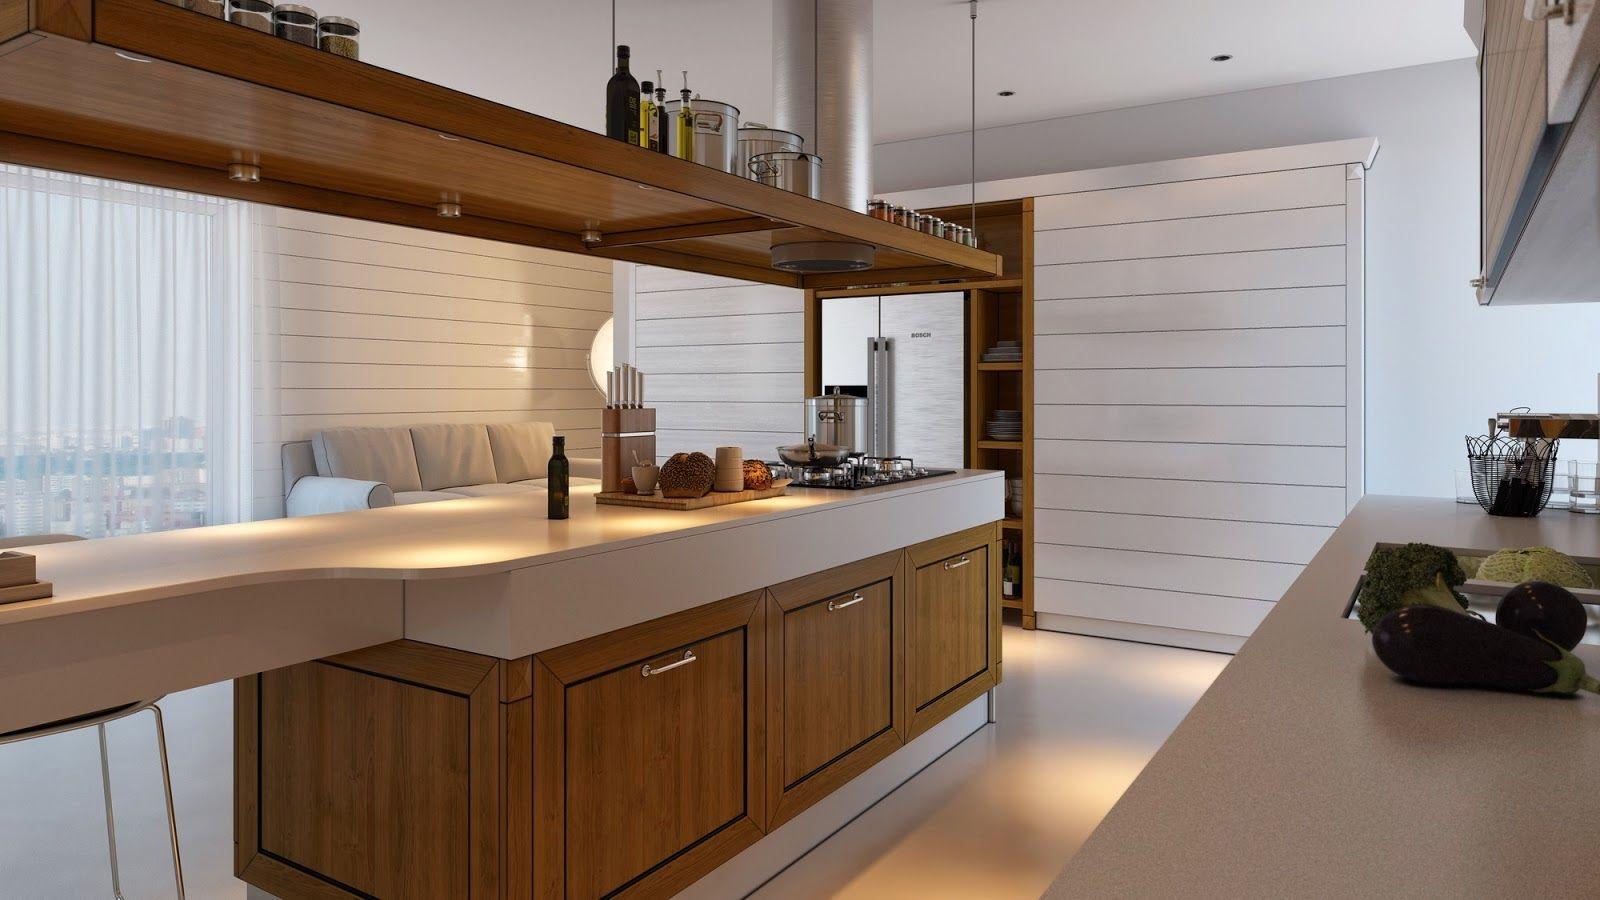 über küchenschrank ideen zu dekorieren  minimalistische küche design die sie von artem evstigneev